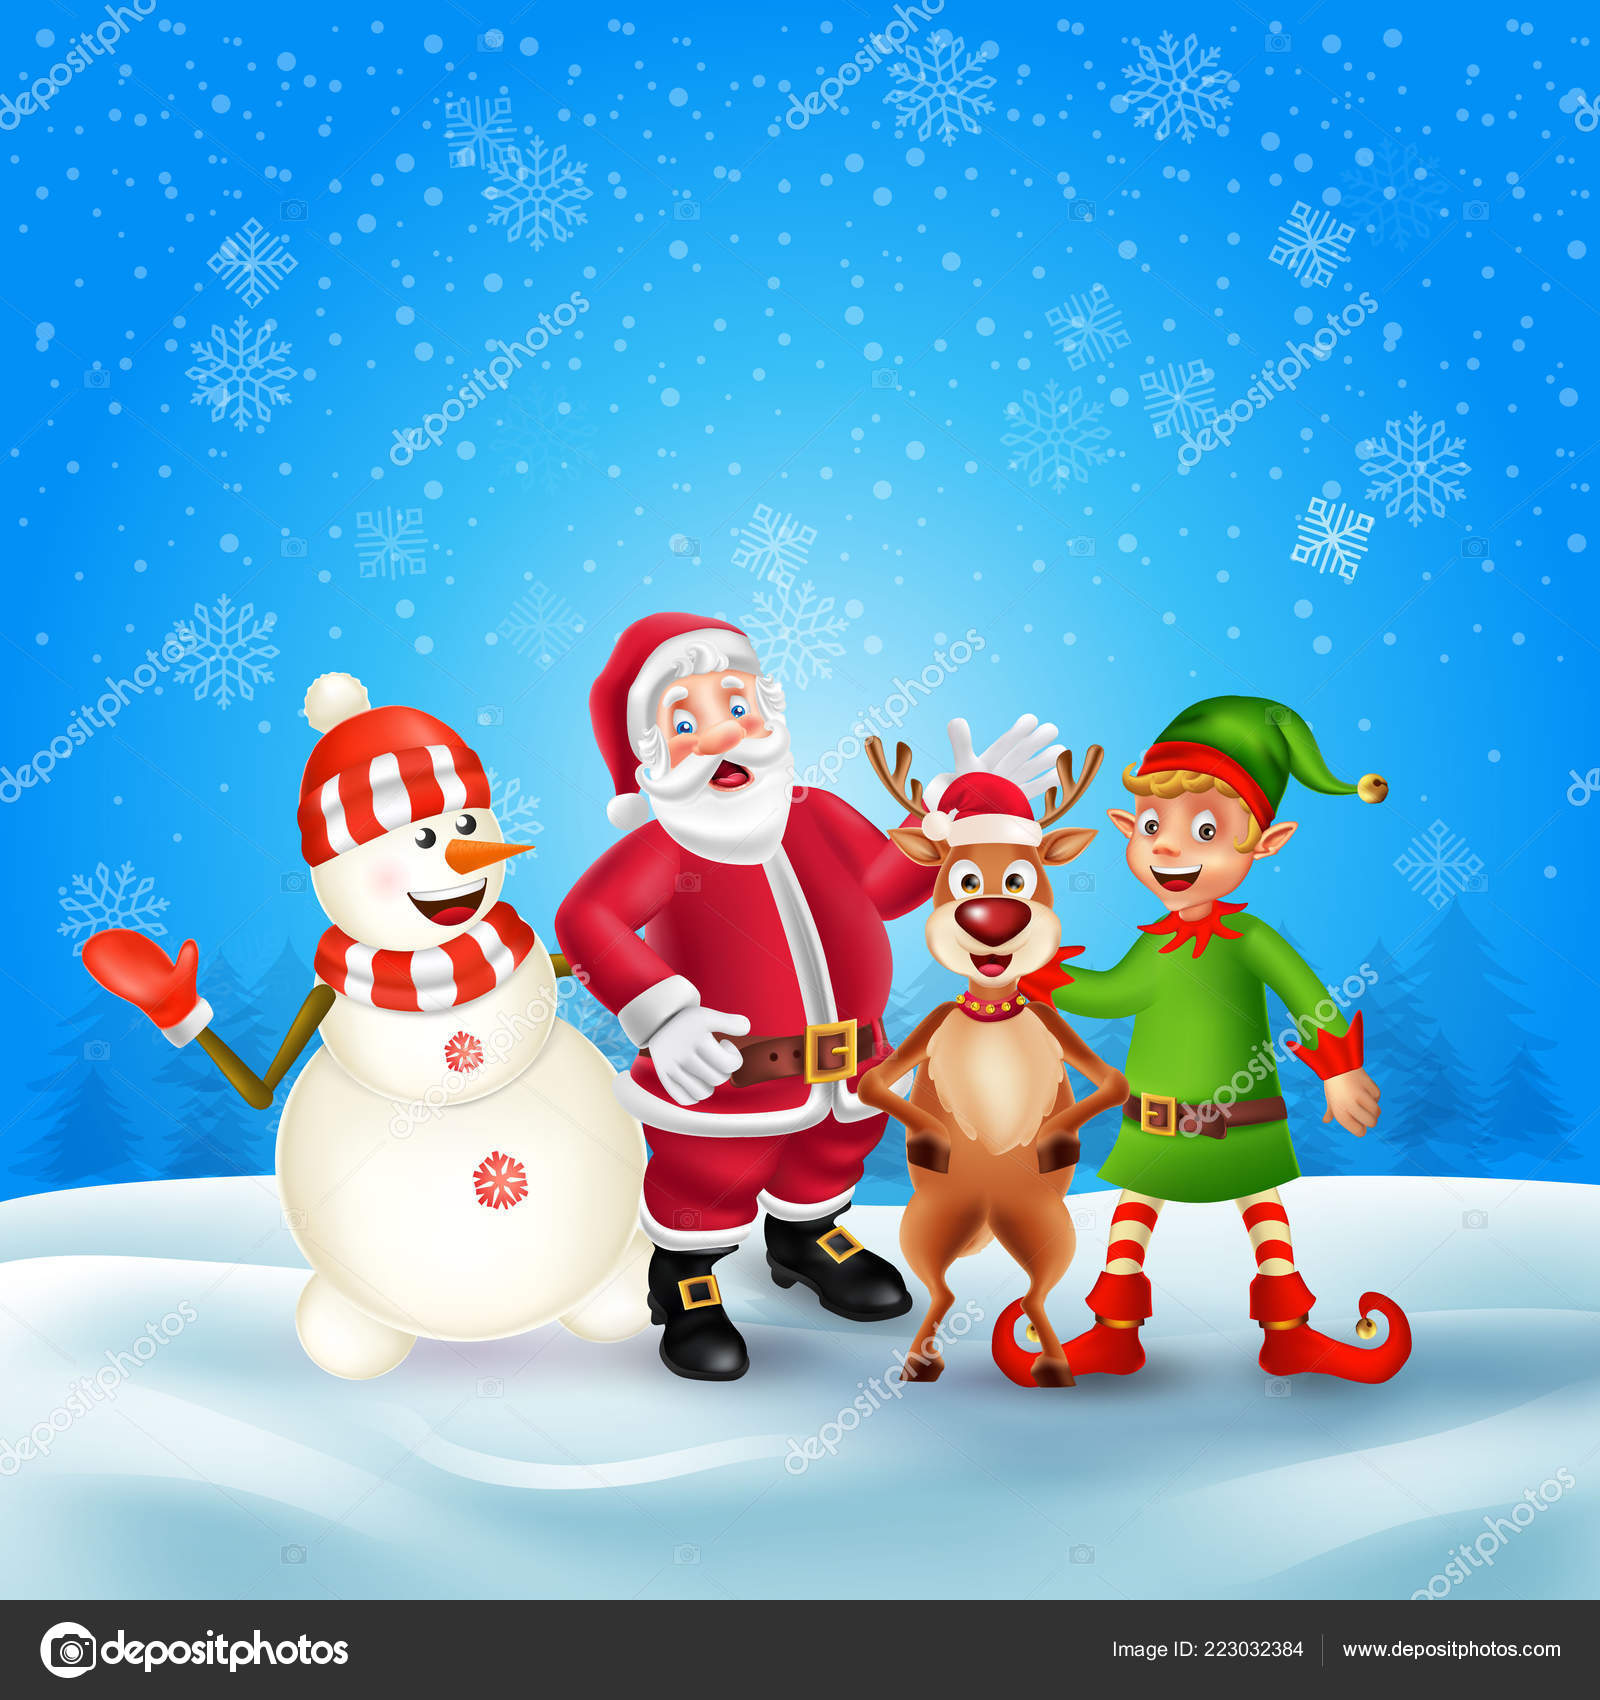 Personnages Dessin Animé Noël Mignons Père Noël Bonhomme Neige